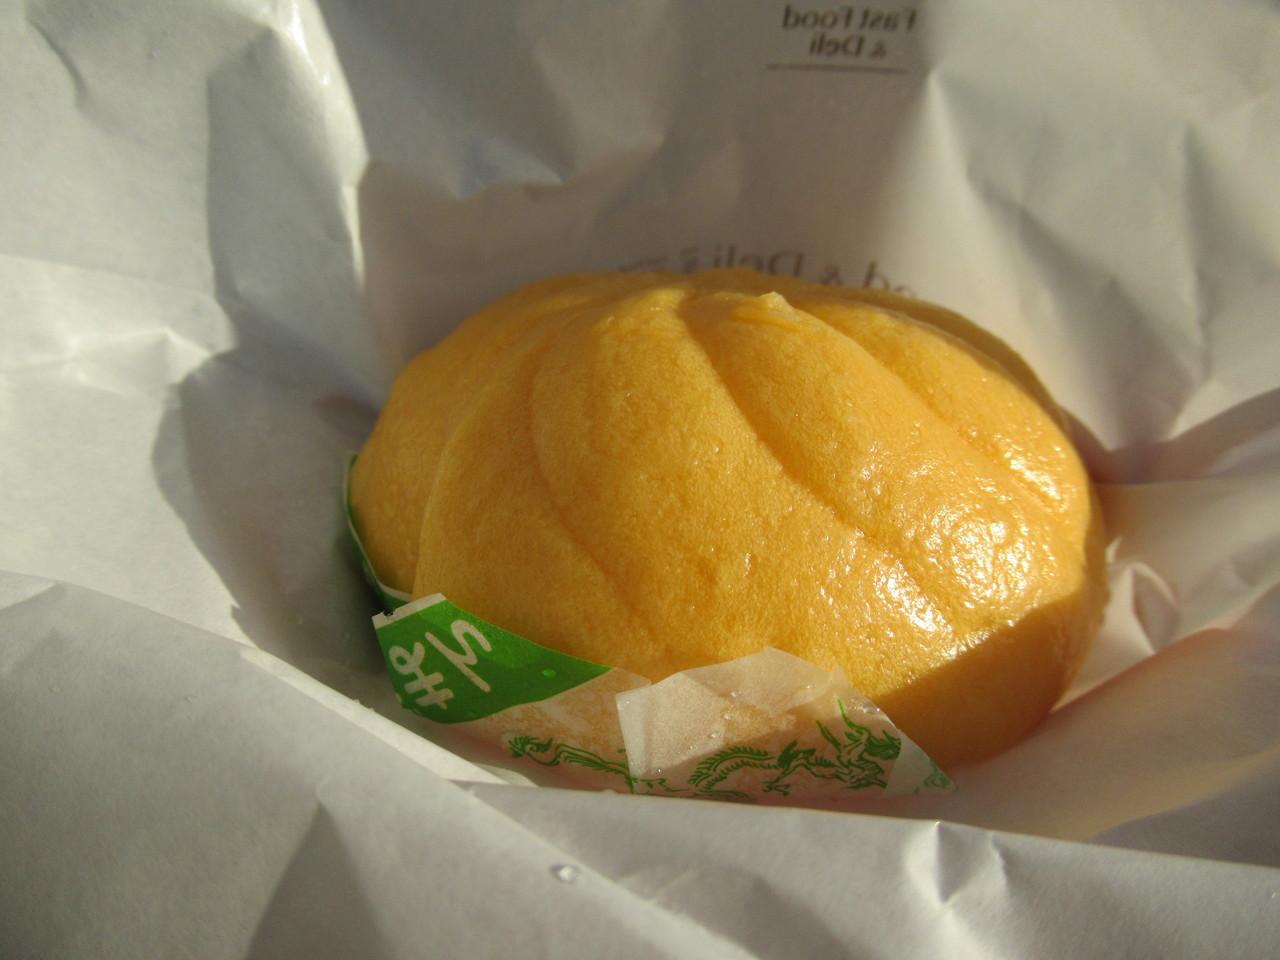 ファミリーマート 「チーズたっぷり熟成生地のピザまん